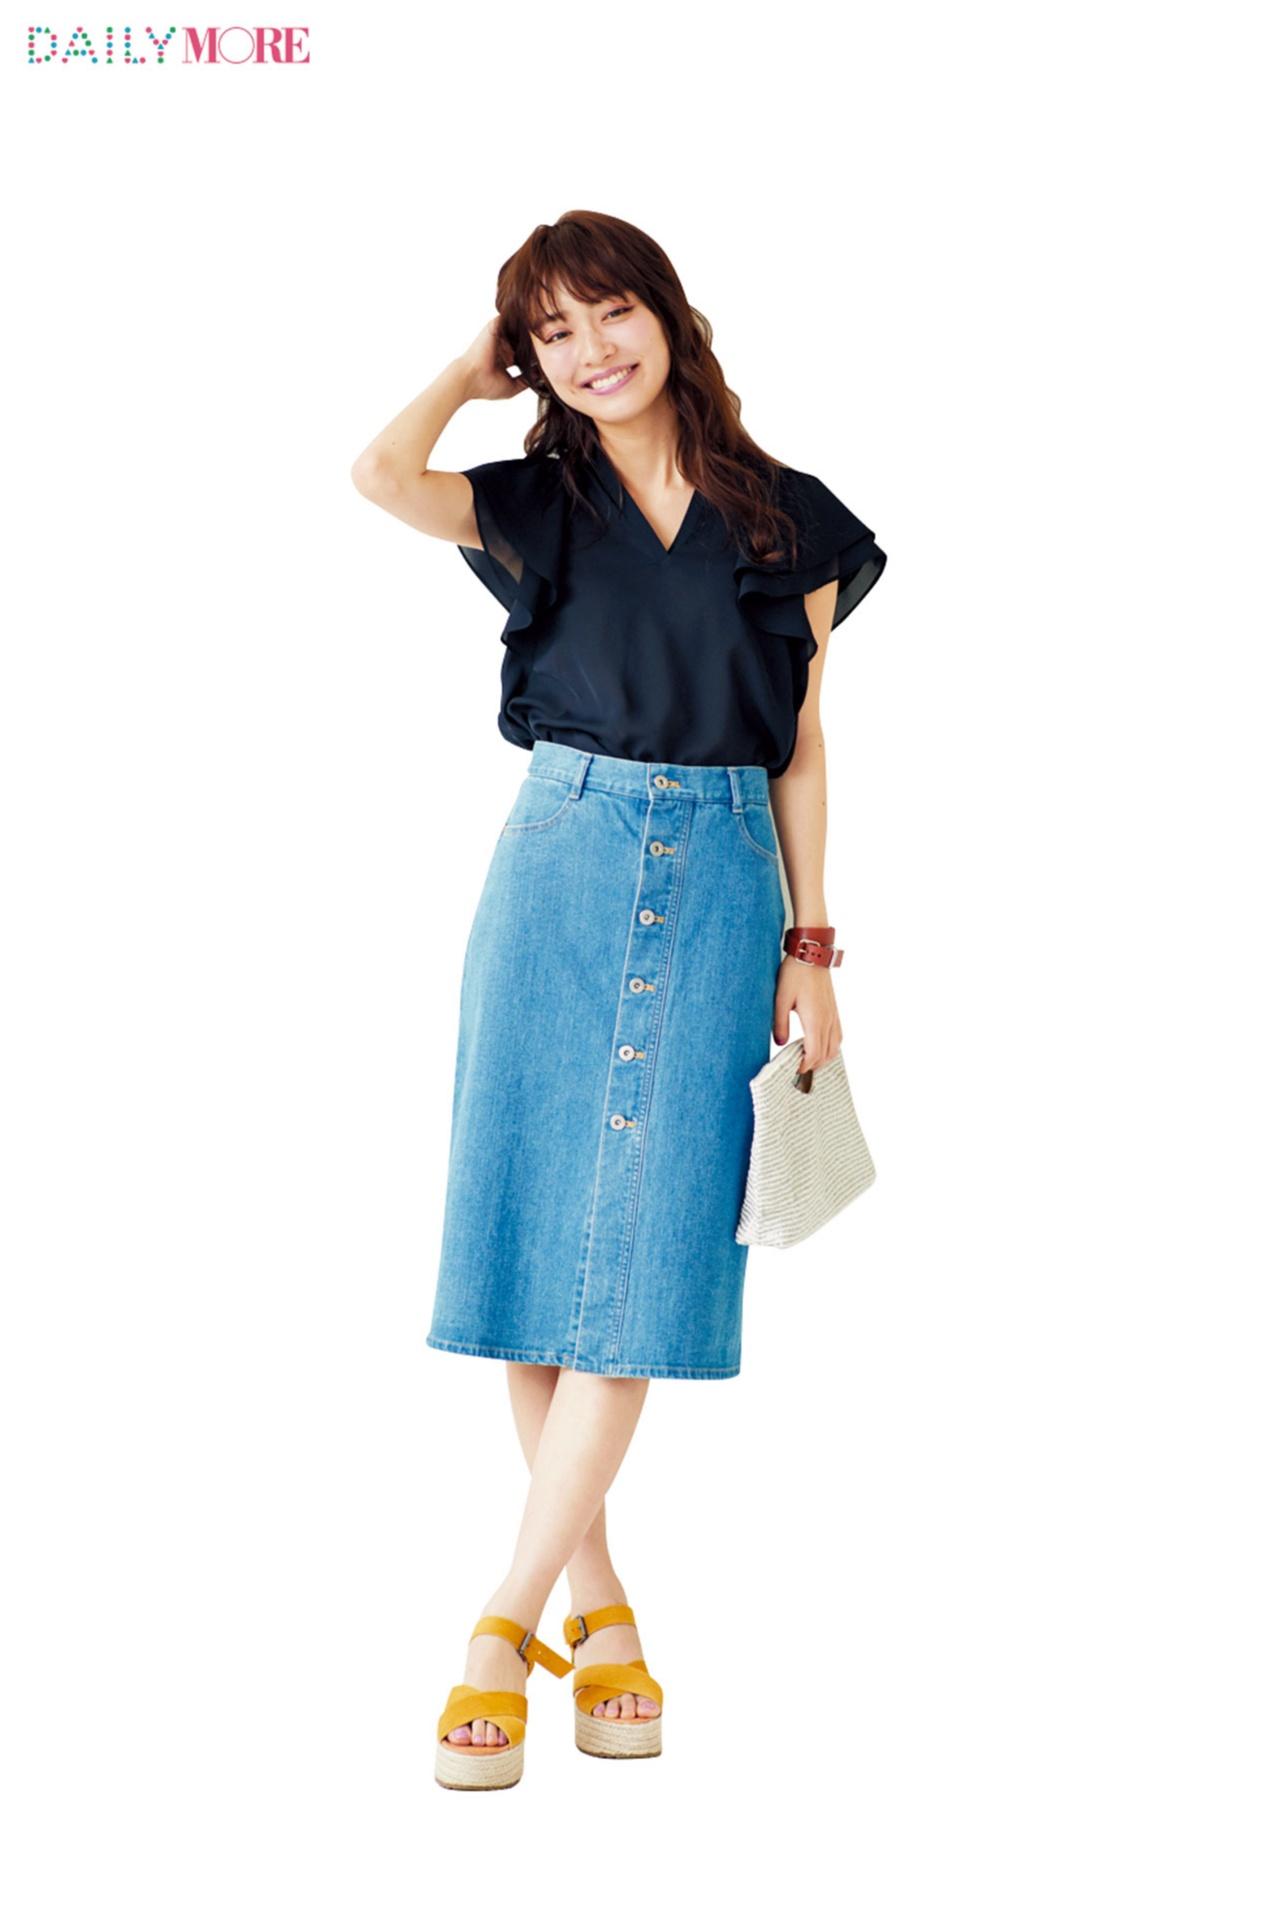 【公式通販GET MORE!ですぐ買える】超人気ブランドで、この夏激売れ中の「ベストヒット服」集めました!Part3_2